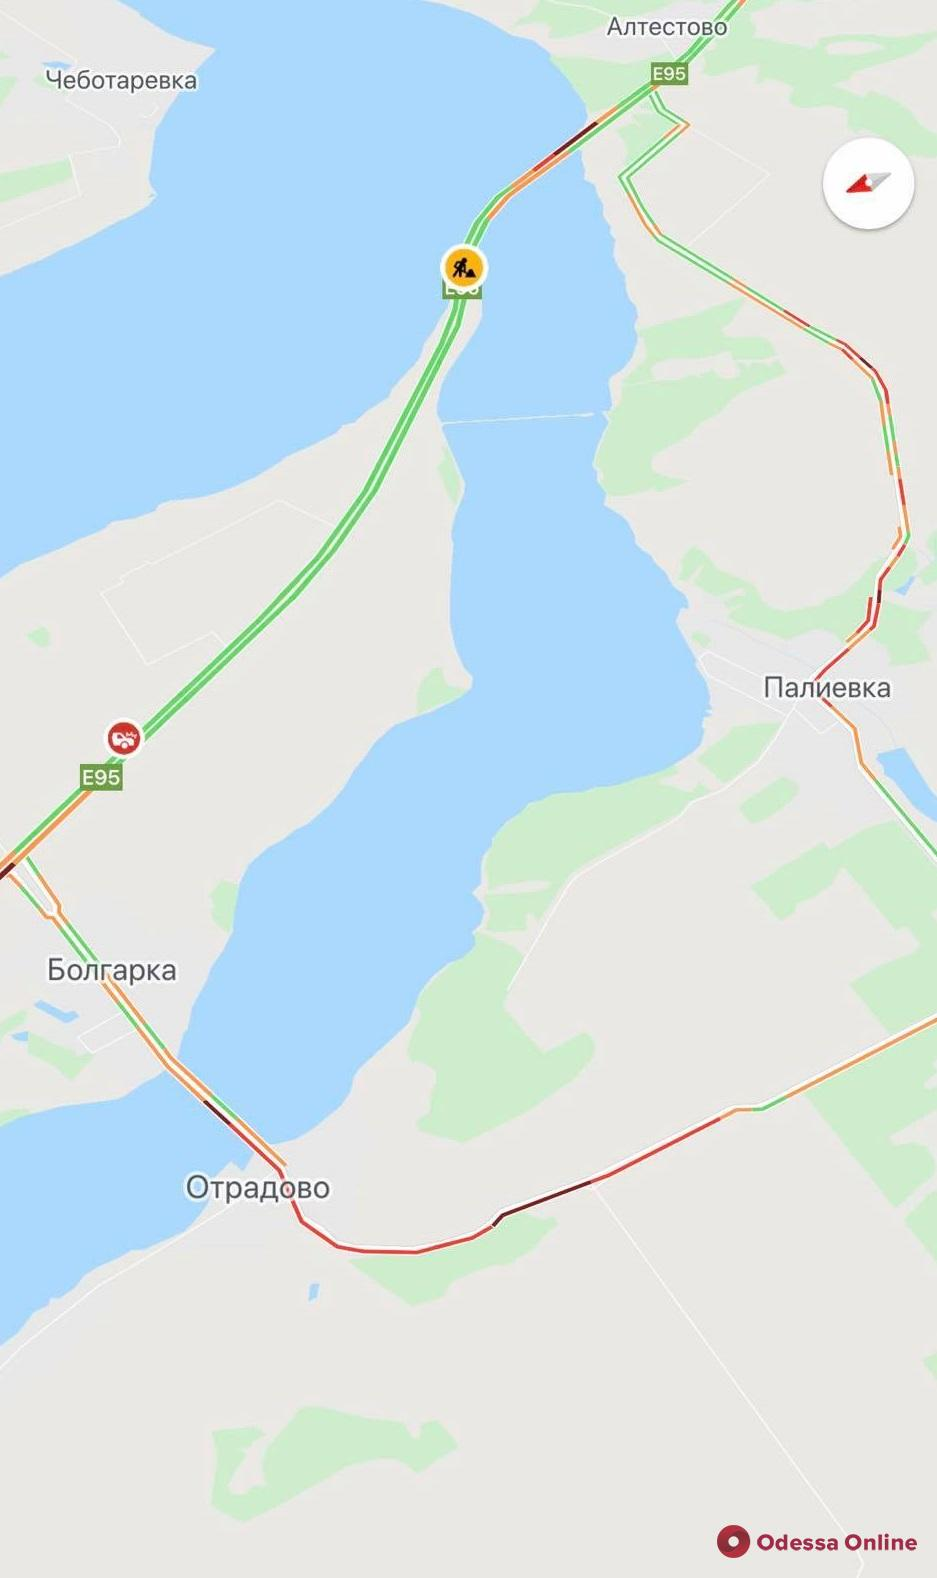 На Киевской трассе в сторону Одессы перекрыт мост через Хаджибейский лиман: движущиеся в объезд машины застряли в пробке